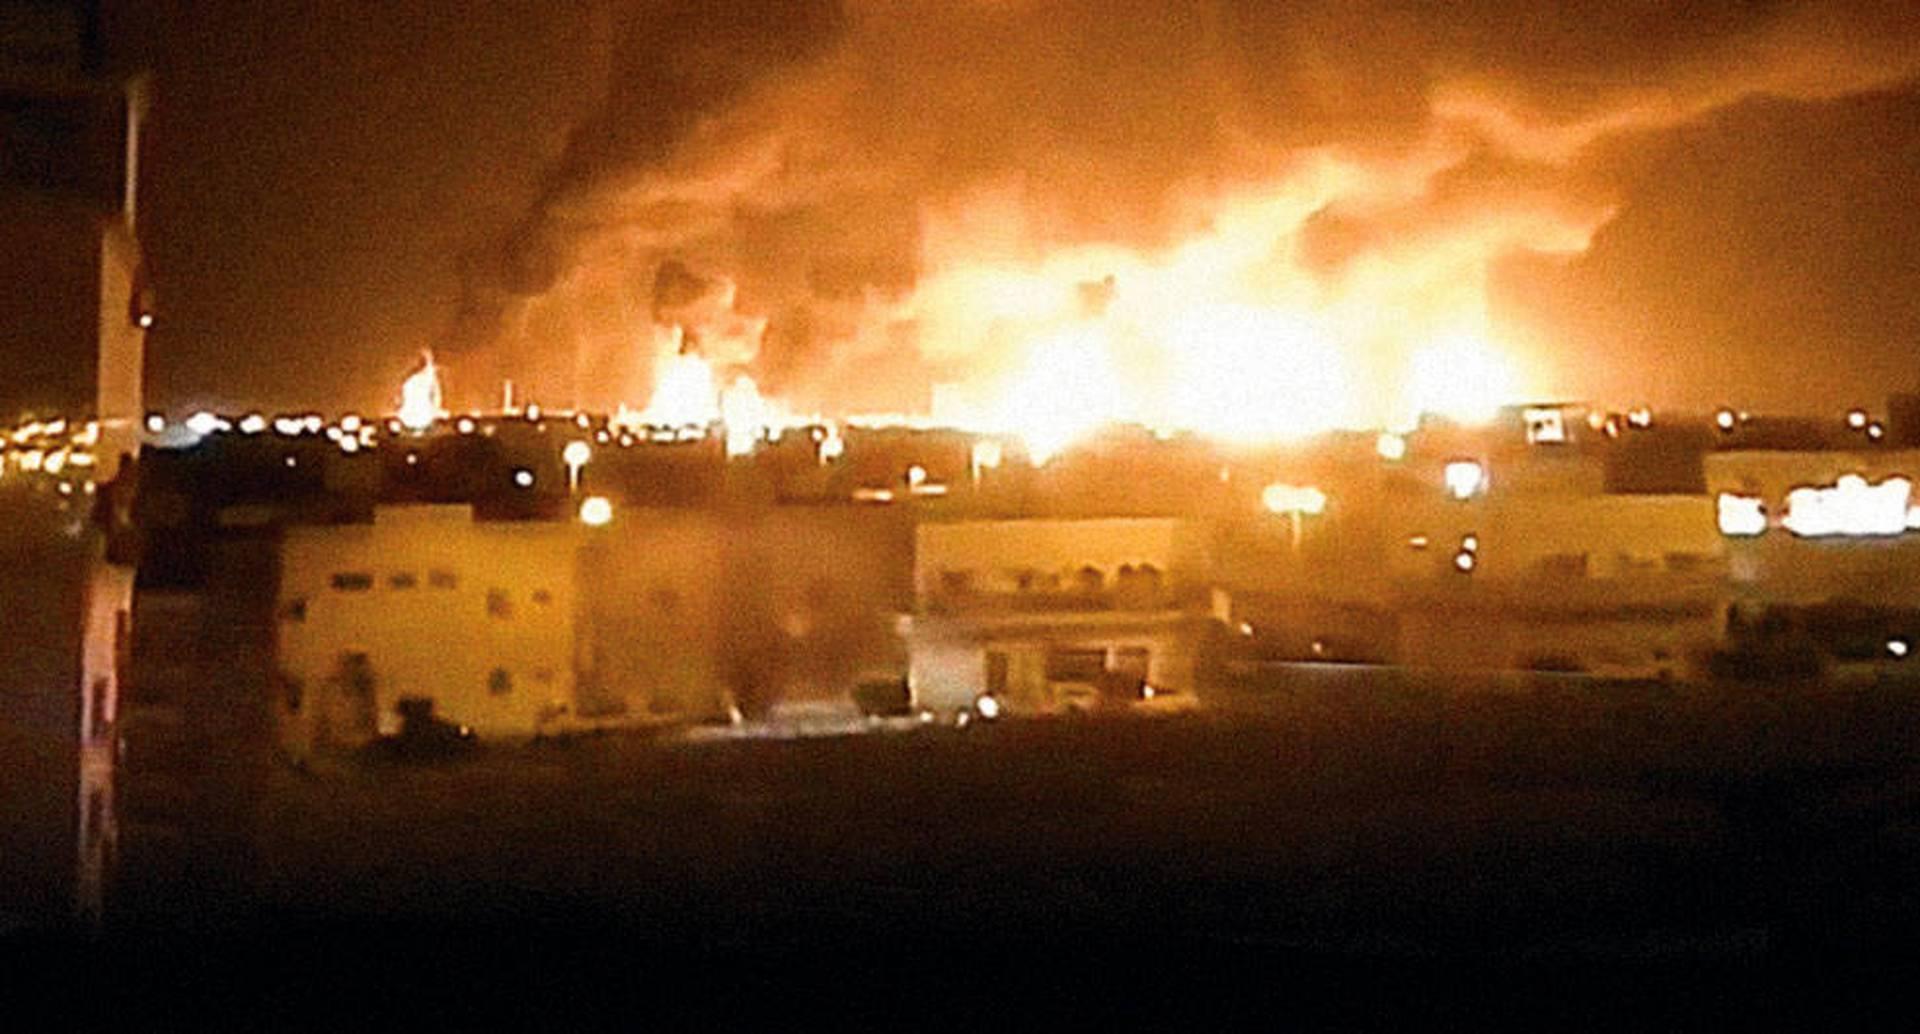 Un video mostró el incendio que causó la explosión en una de las refinerías más grandes del mundo.